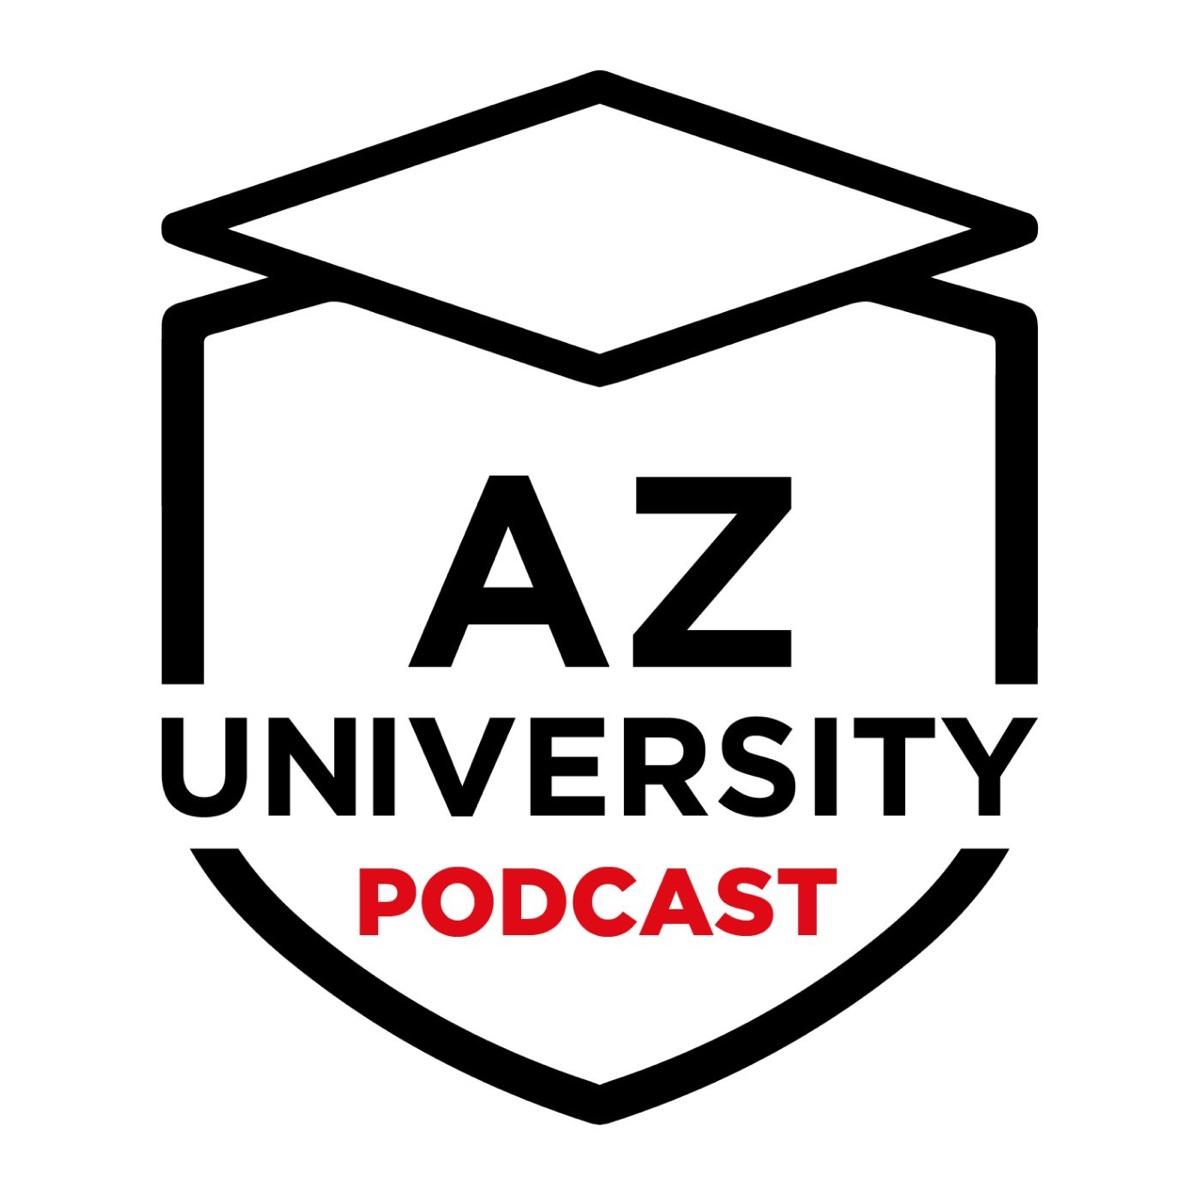 AZ University